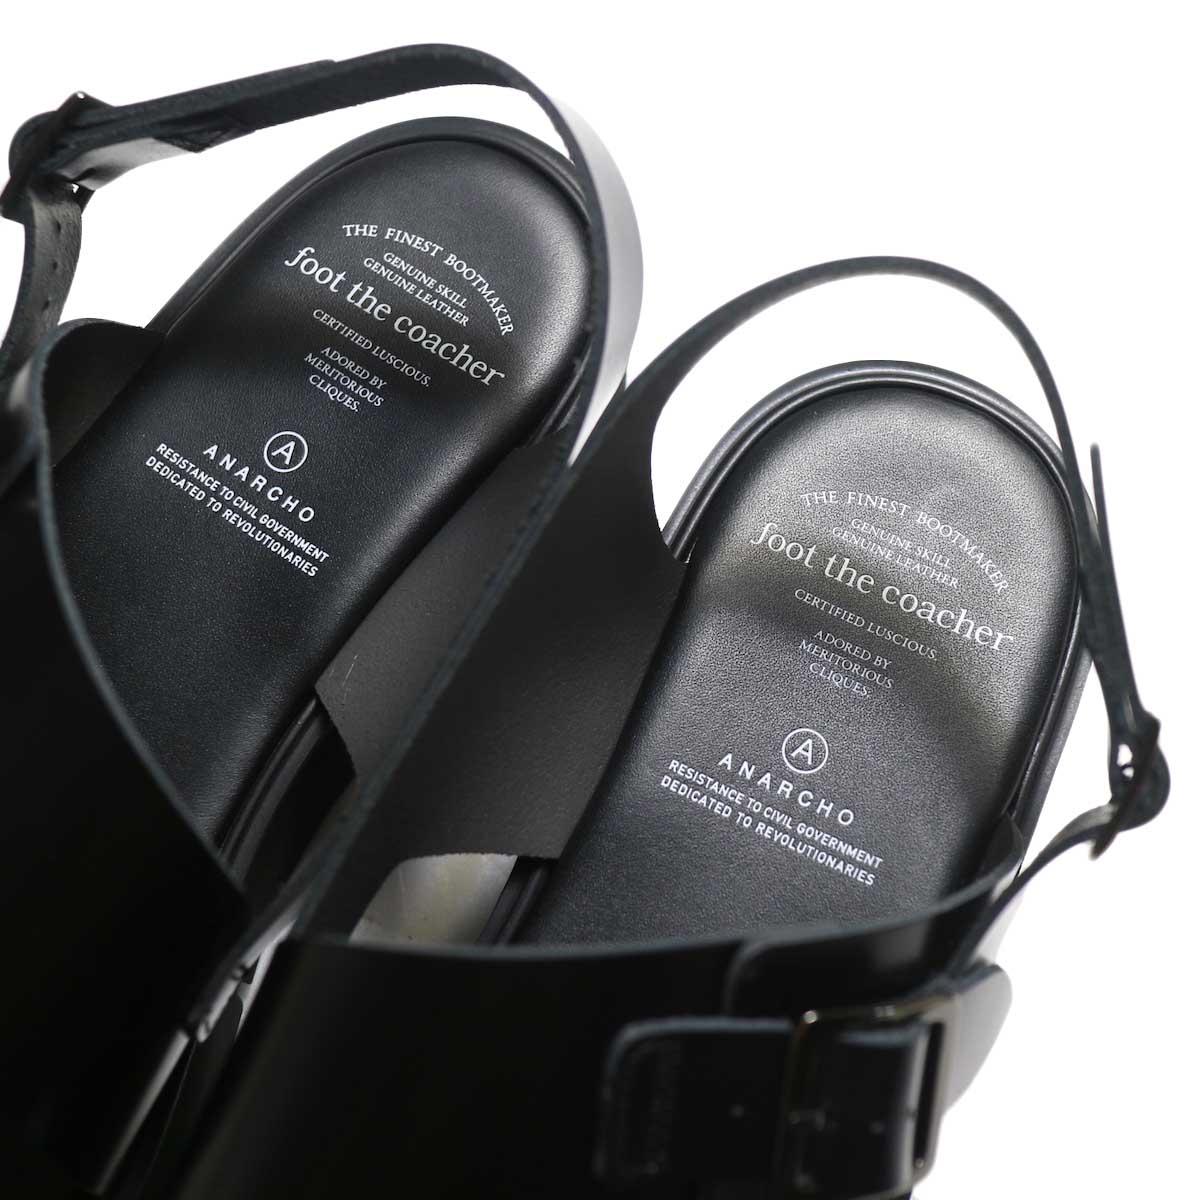 foot the coacher / SS BELT SANDALS (GLOXI CUT SOLE) -Black インソール